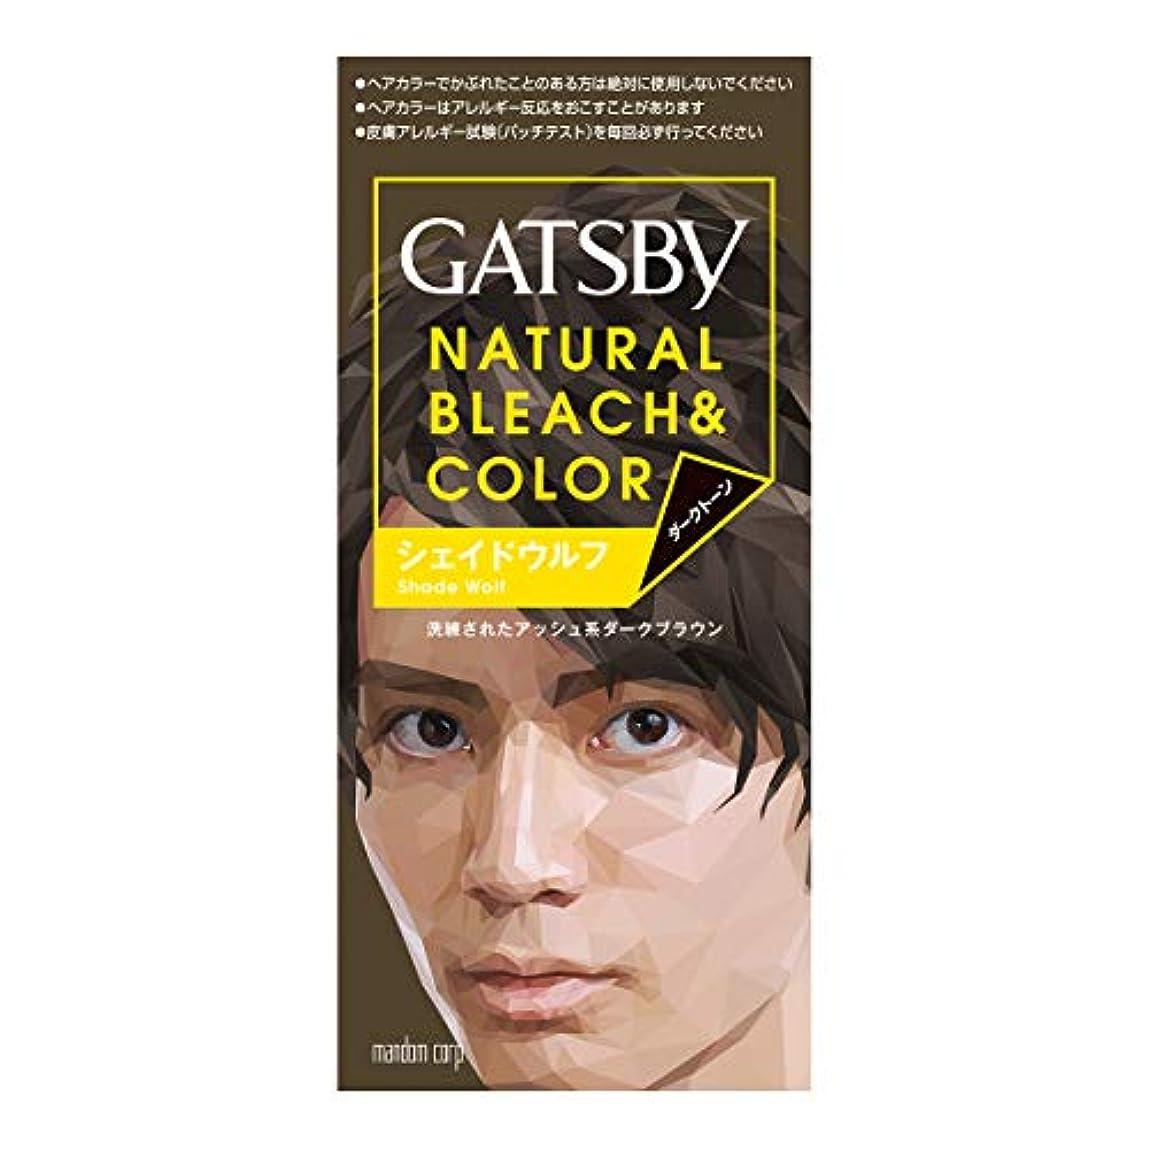 マウントパッケージうがいGATSBY(ギャツビー) ナチュラルブリーチカラー シェイドウルフ 1剤35g 2剤70mL (医薬部外品)